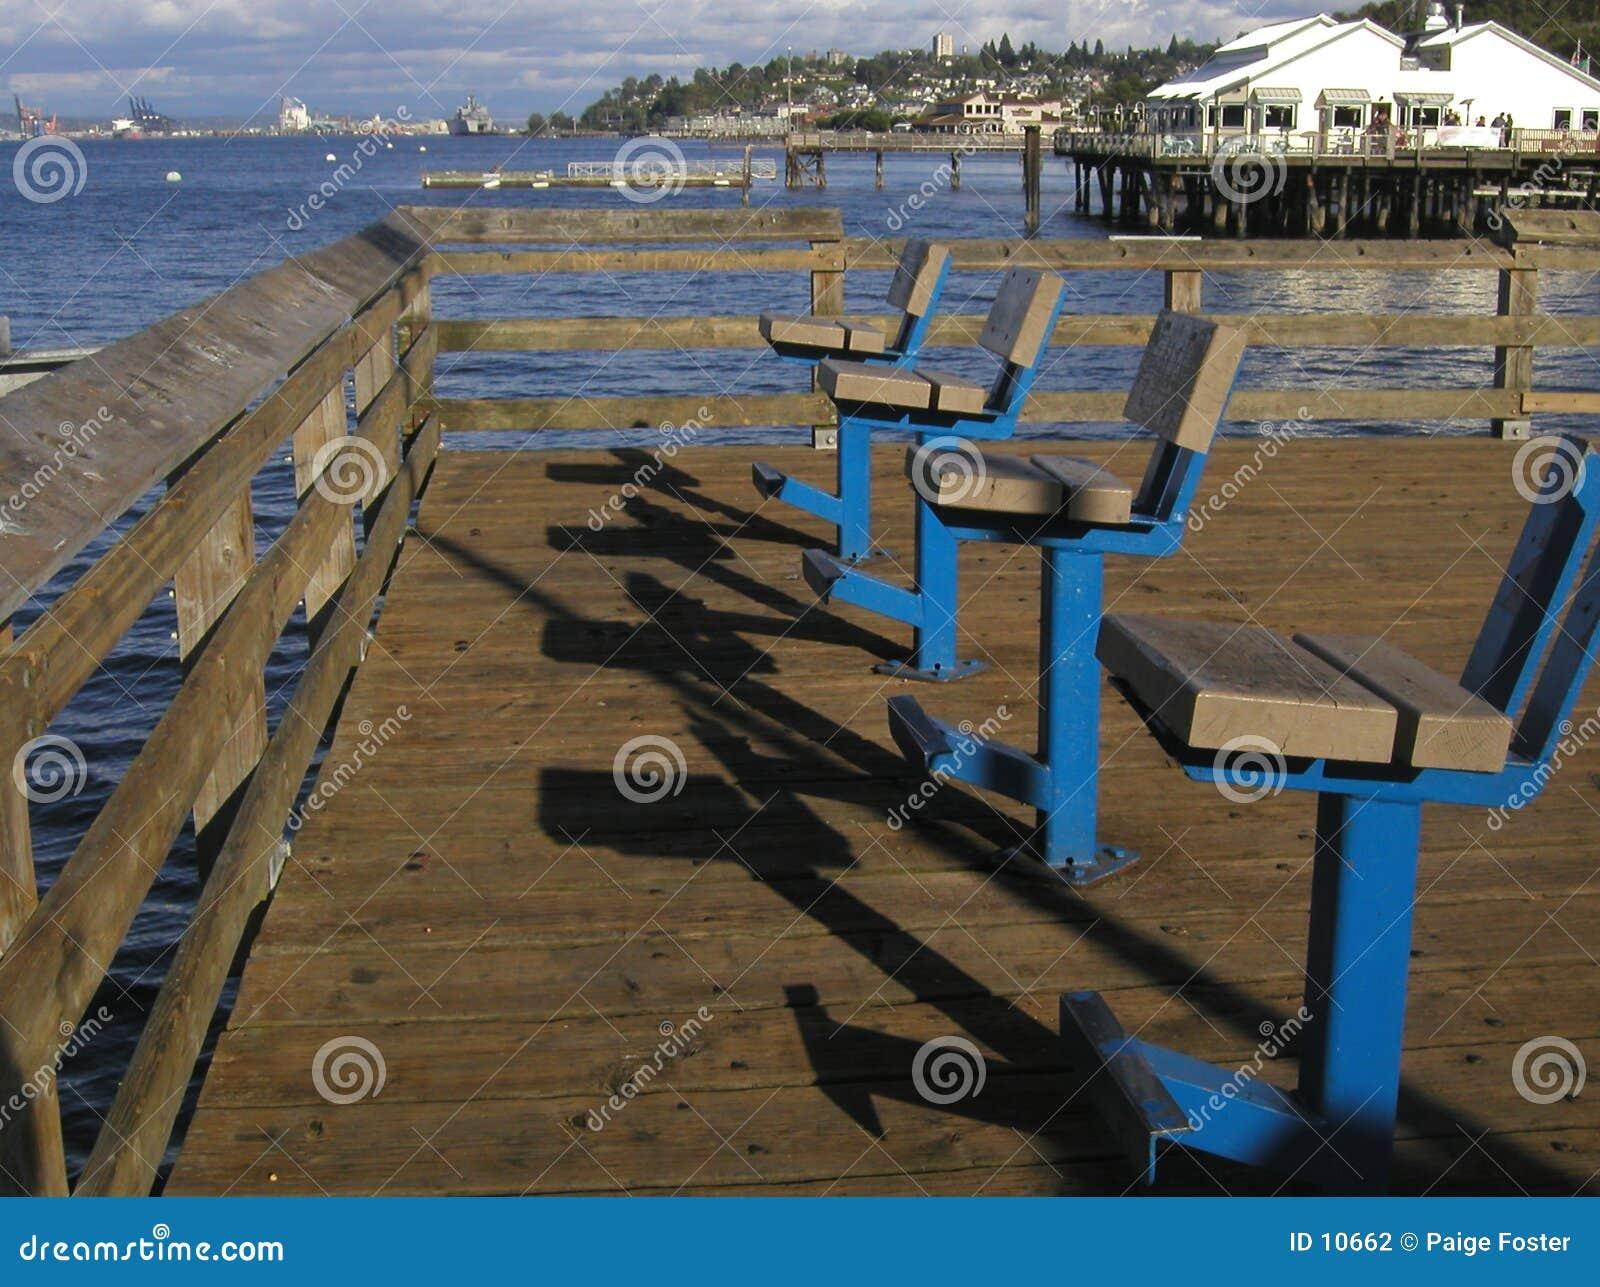 Seating for Fishermen